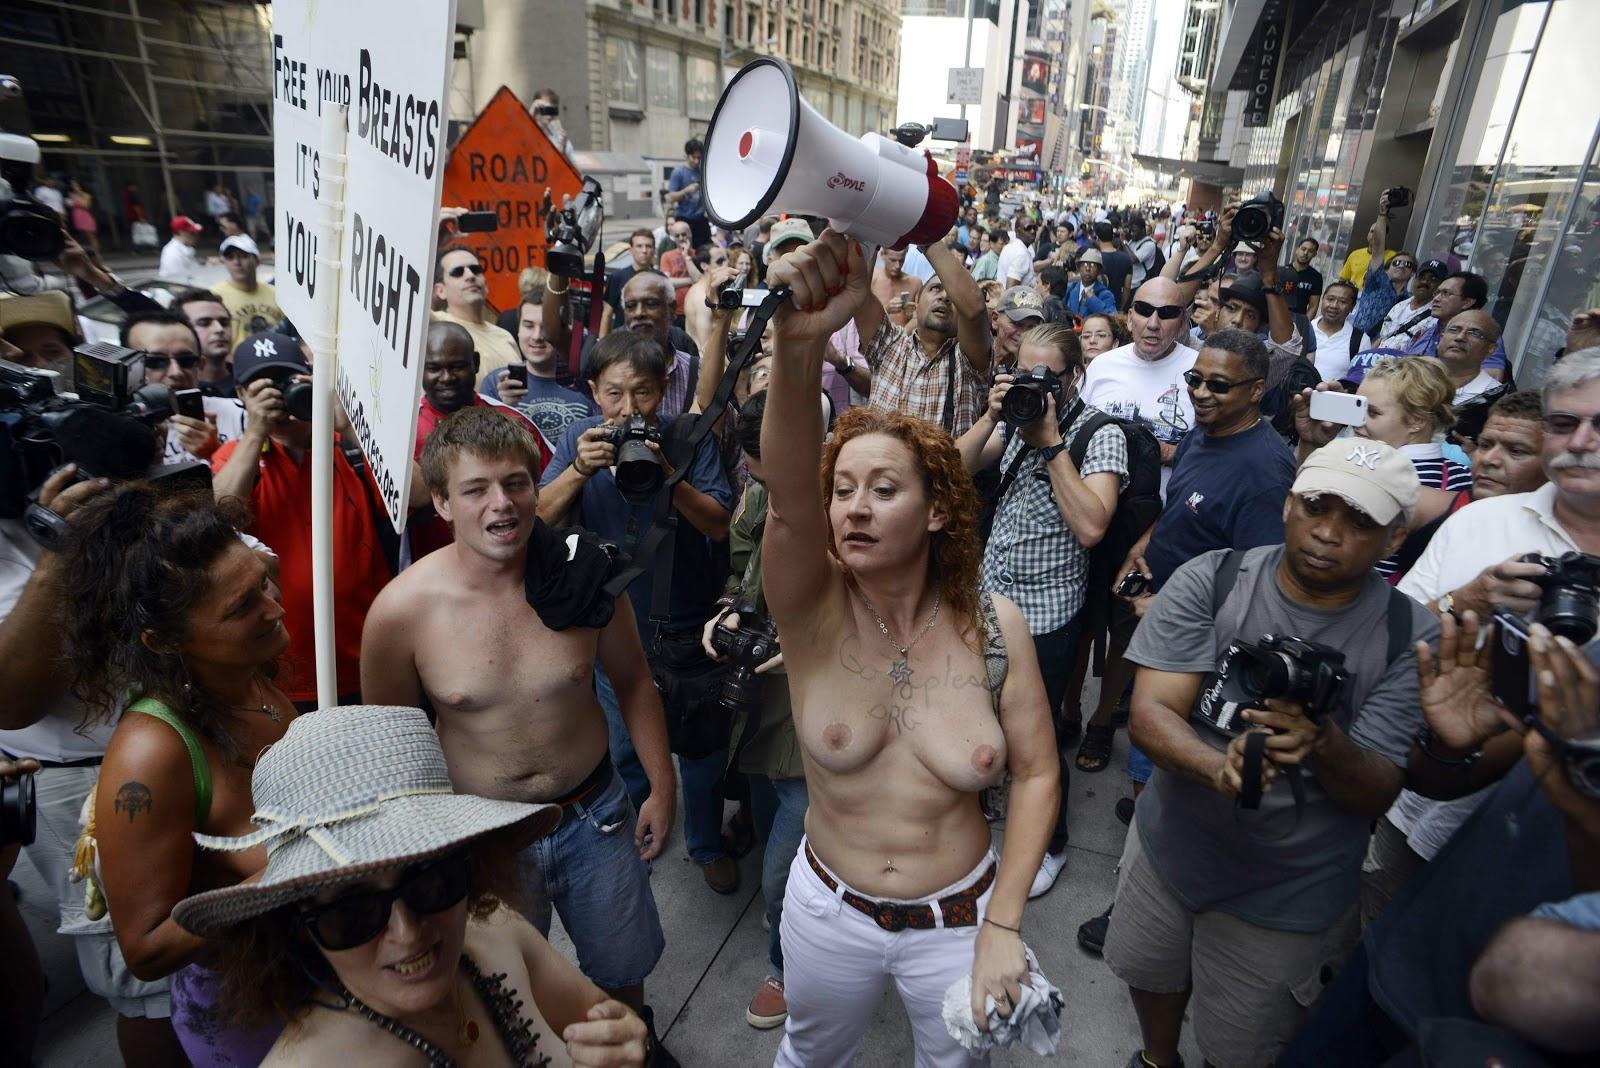 Блаженство голые демонстранты фото